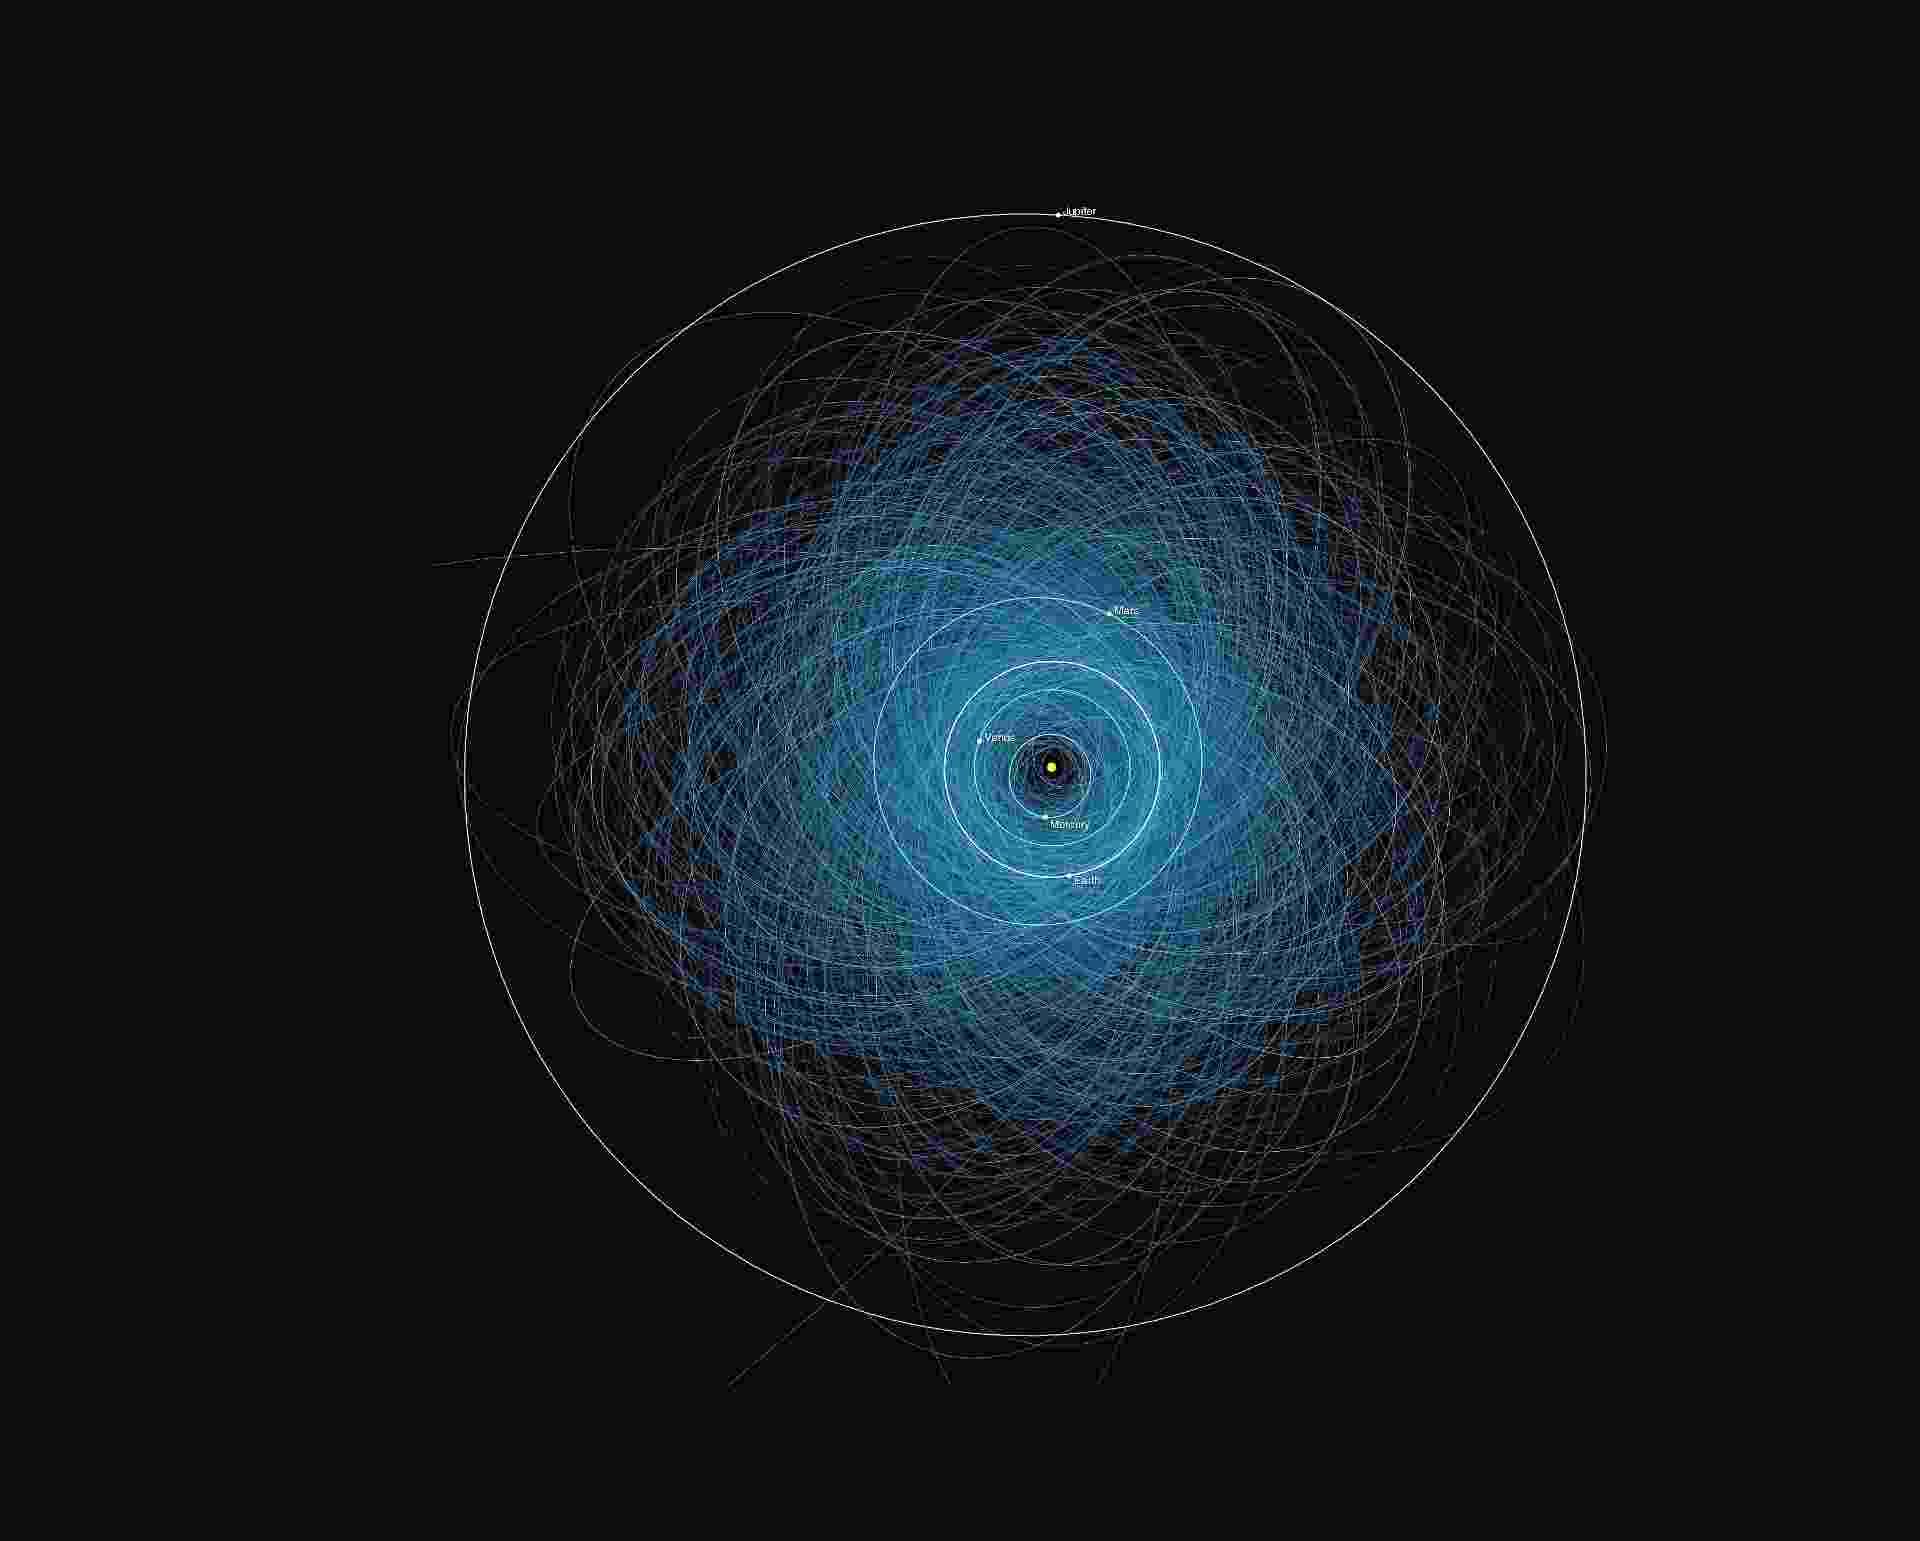 15.ago.2013 - A Terra está cercada por 1.400 asteroides perigosos, mostra último mapeamento da Nasa (Agência Espacial Norte-Americana). As linhas azuis indicam as órbitas de corpos que estão 'próxima' da do nosso planeta, o que, em termos espaciais, significa, estar até 7,5 milhões de quilômetros de distância - Nasa/JPL-Caltech